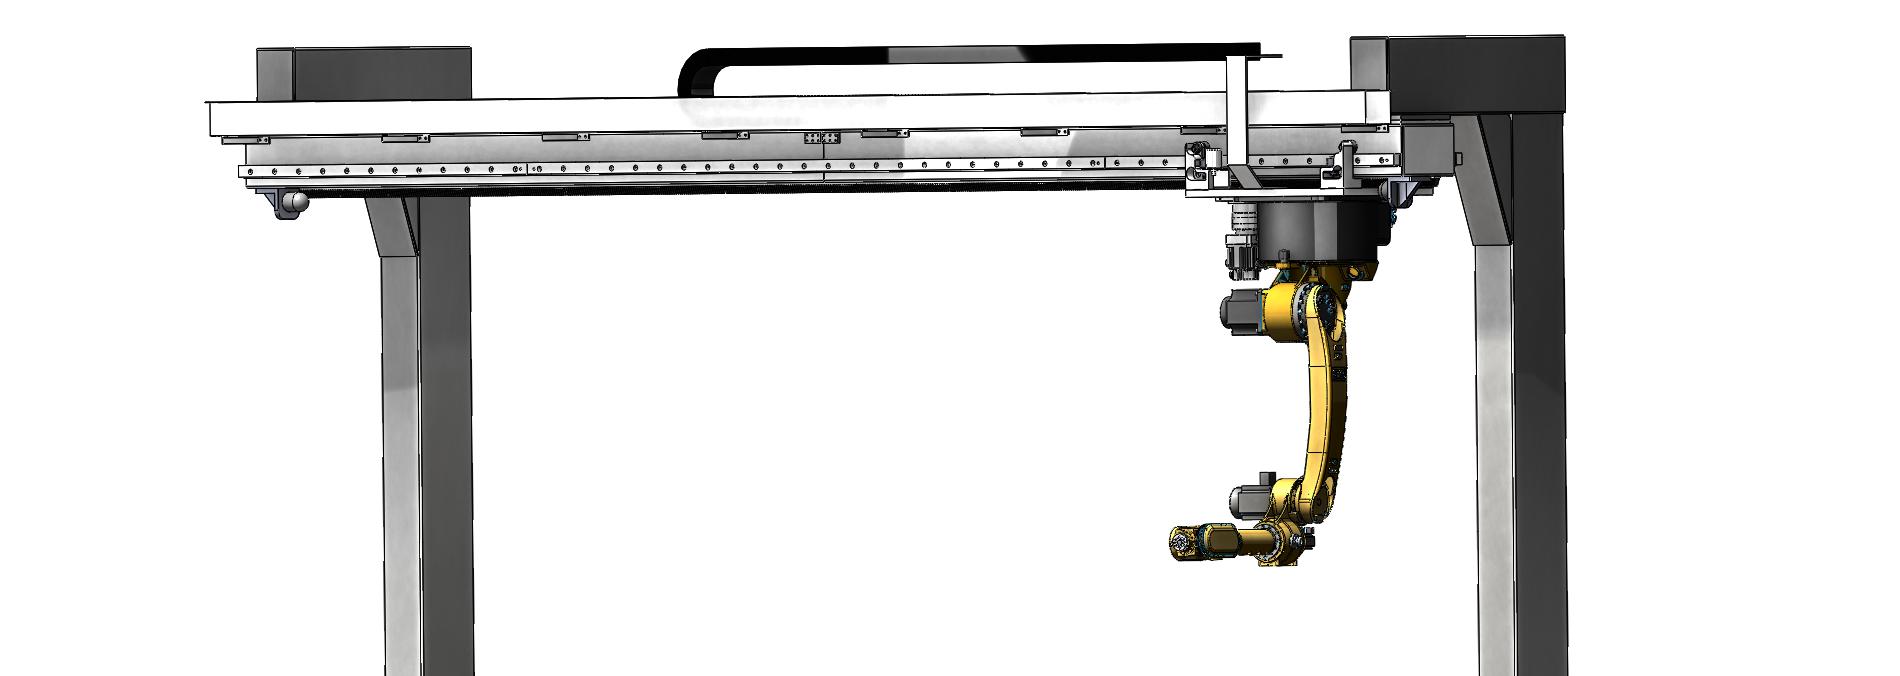 机器人天轨 第七轴,机器人导轨.png